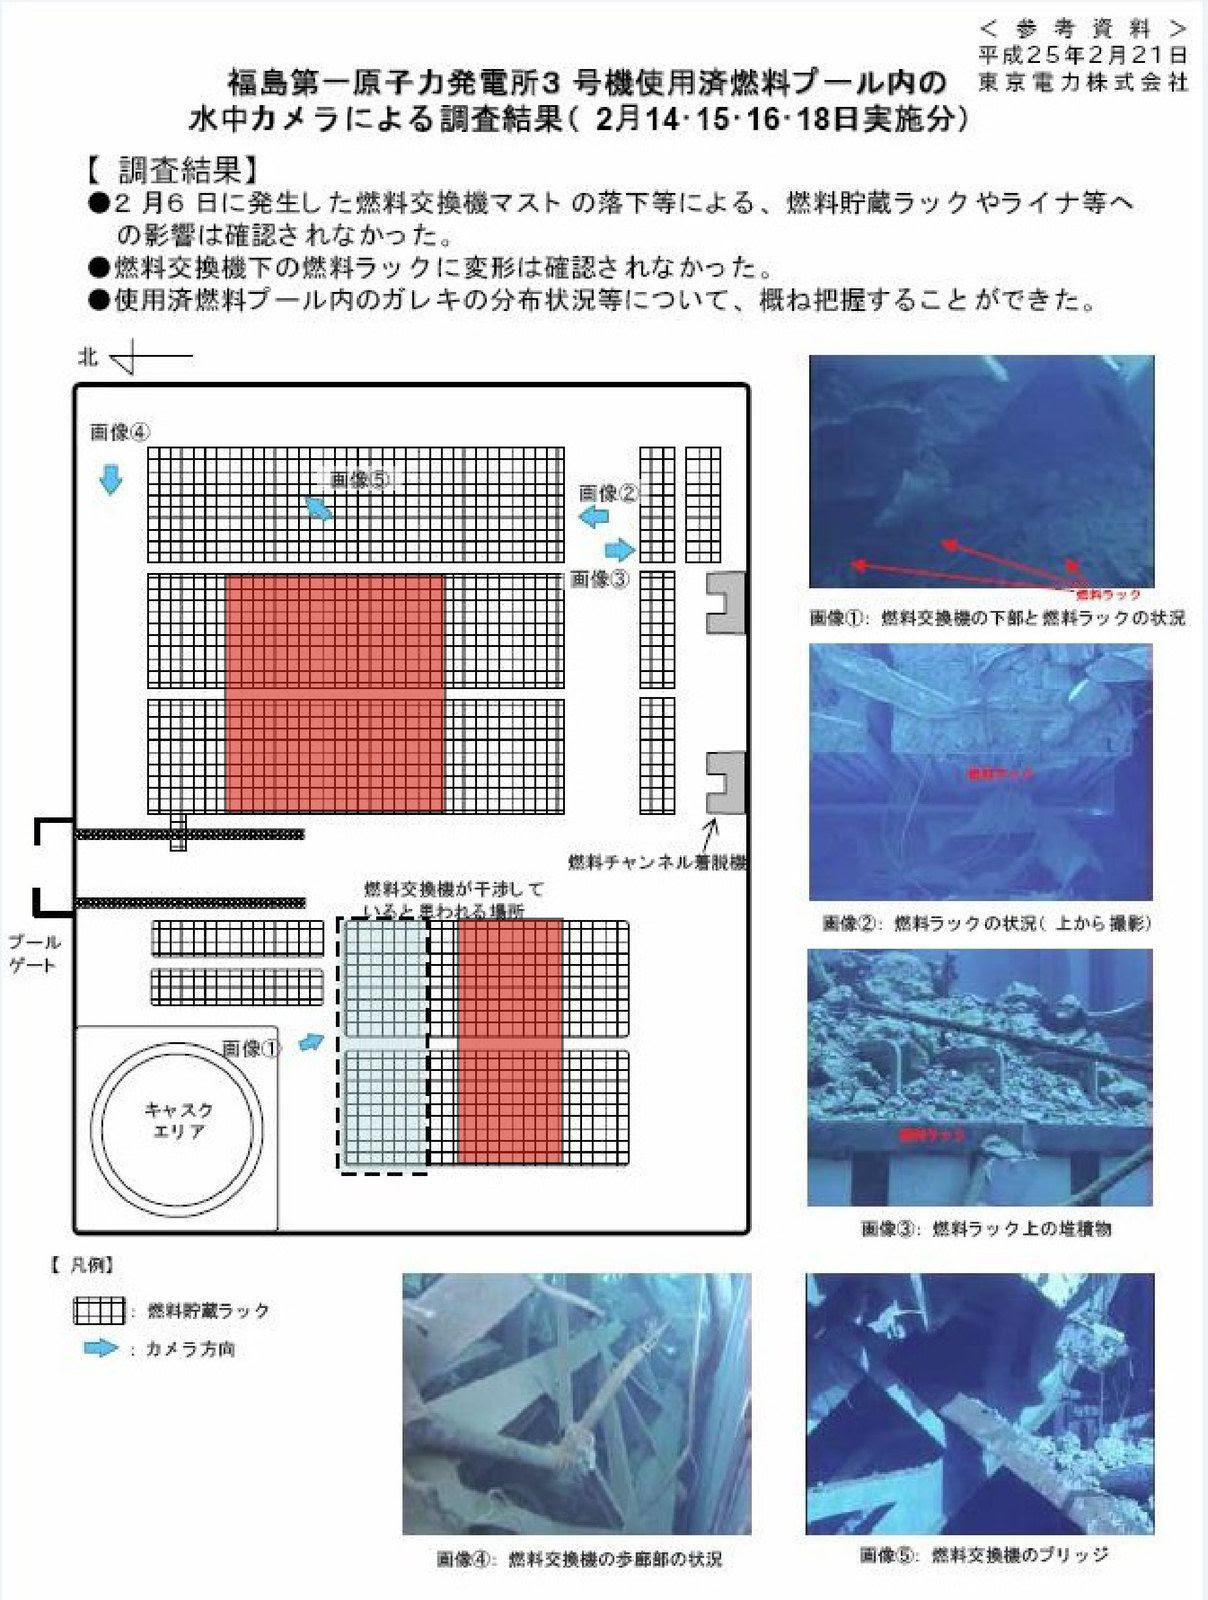 Fig. 99 : Assemblages de la piscine de combustible : en rouge, la zone non documentée par Tepco (zone colorée en rouge ajoutée par l'auteur)